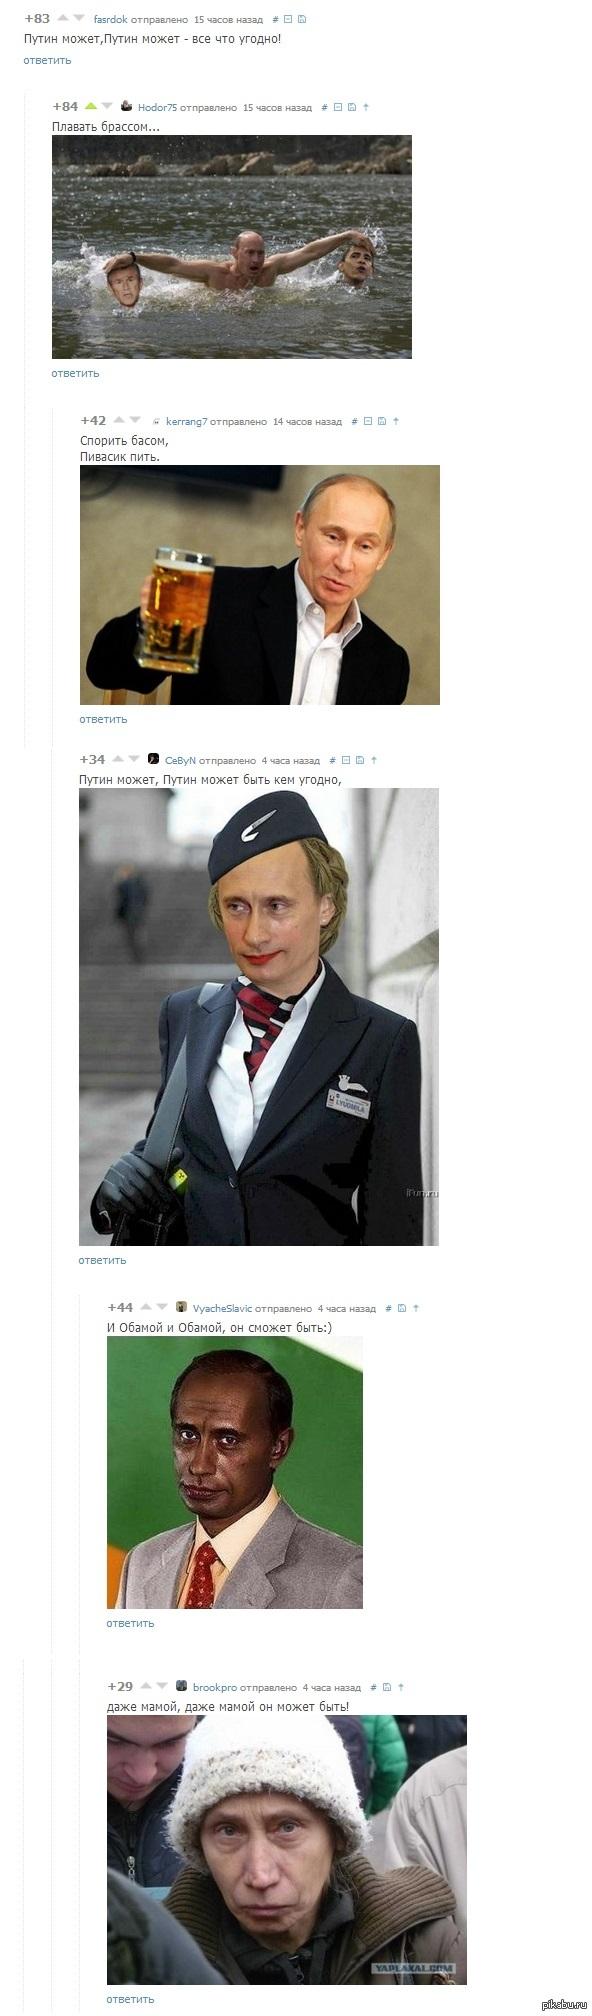 Путин может,Путин может - все что угодно! Коментарии как всегда порадовали.